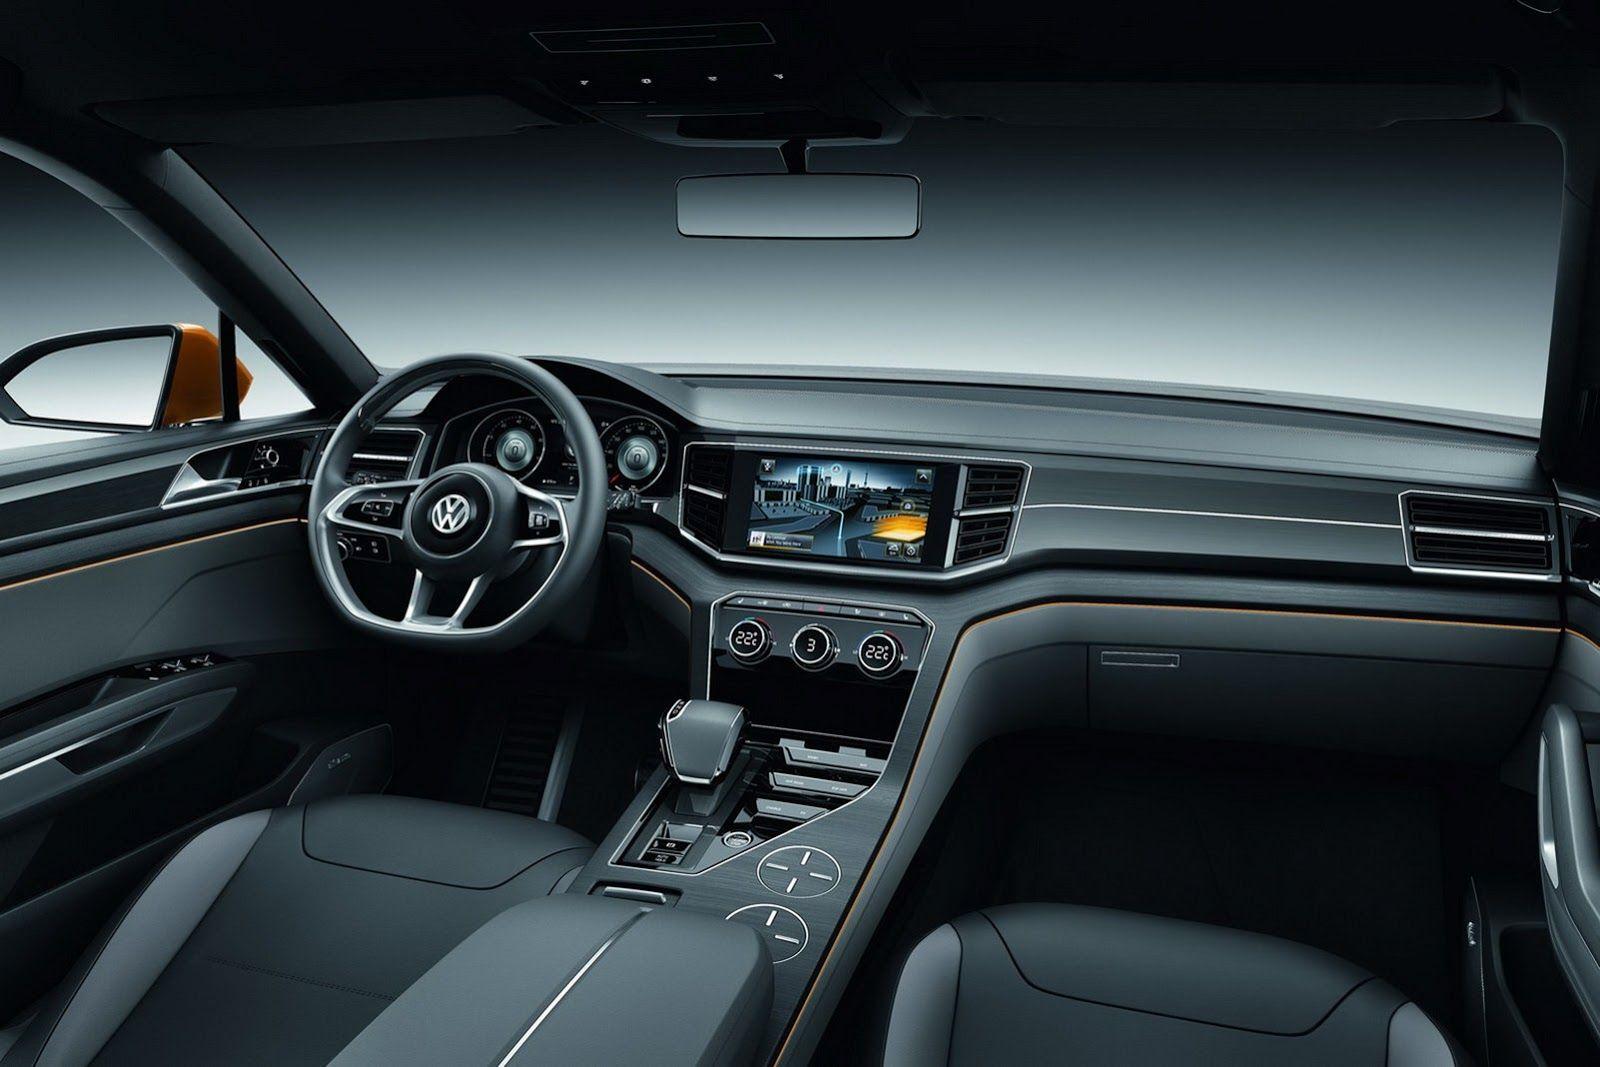 Hibrit Motorlu 2013 Volkswagen Cross Blue Coupe Konsept Şanghay'de Sergileniyor | Turkeycarblog